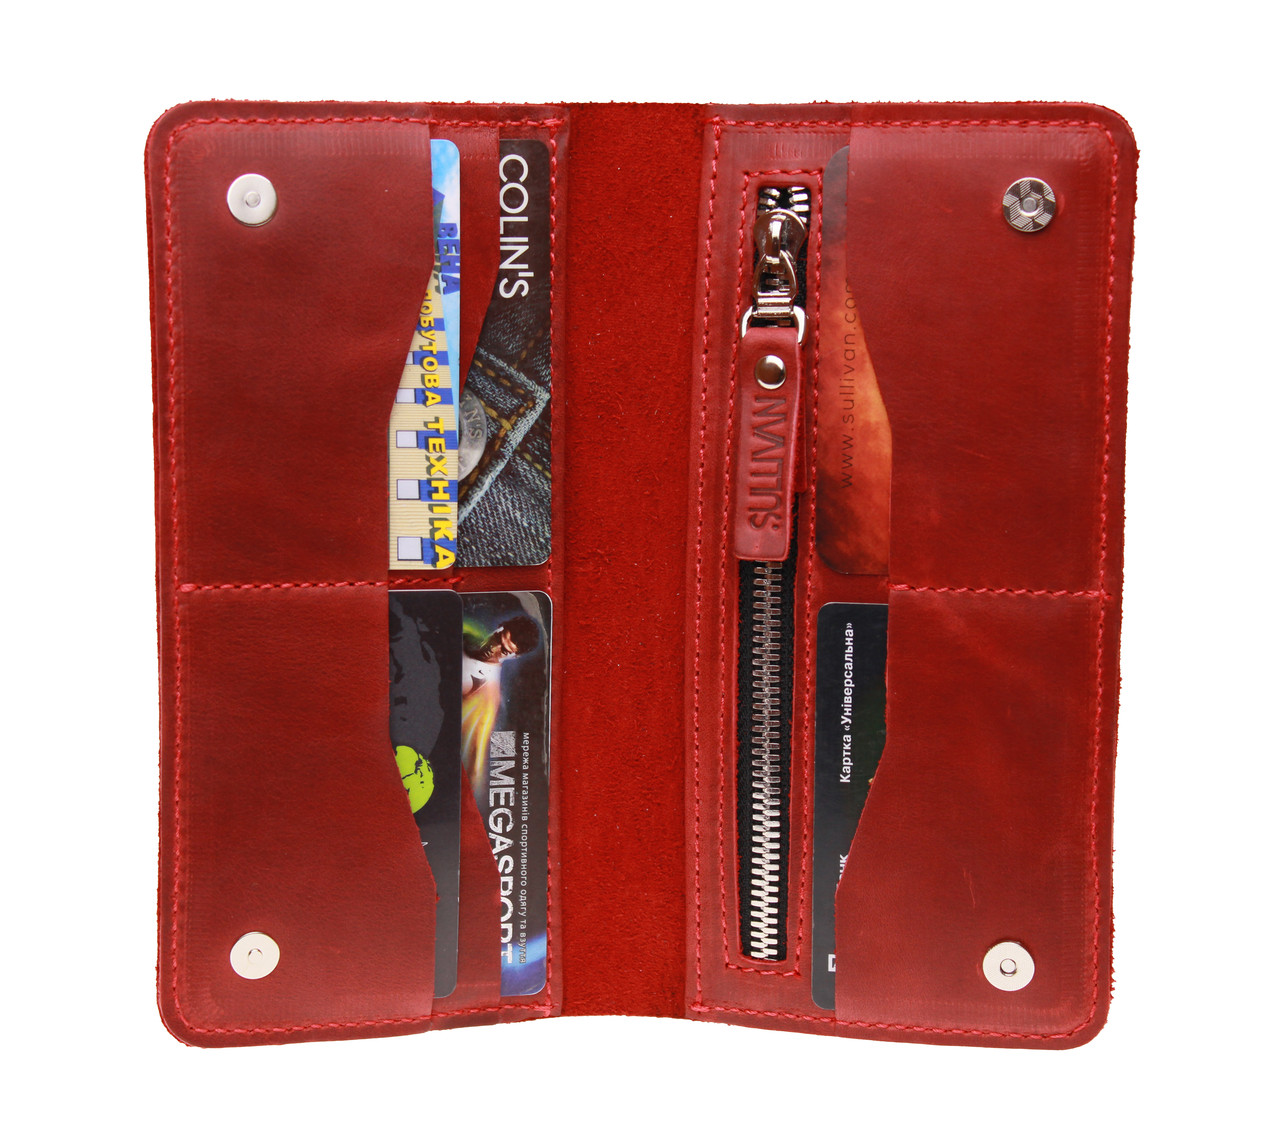 9919c7168139 Кошелек женский кожаный большой купюрник для денег портмоне картхолдер кожа  SULLIVAN ...